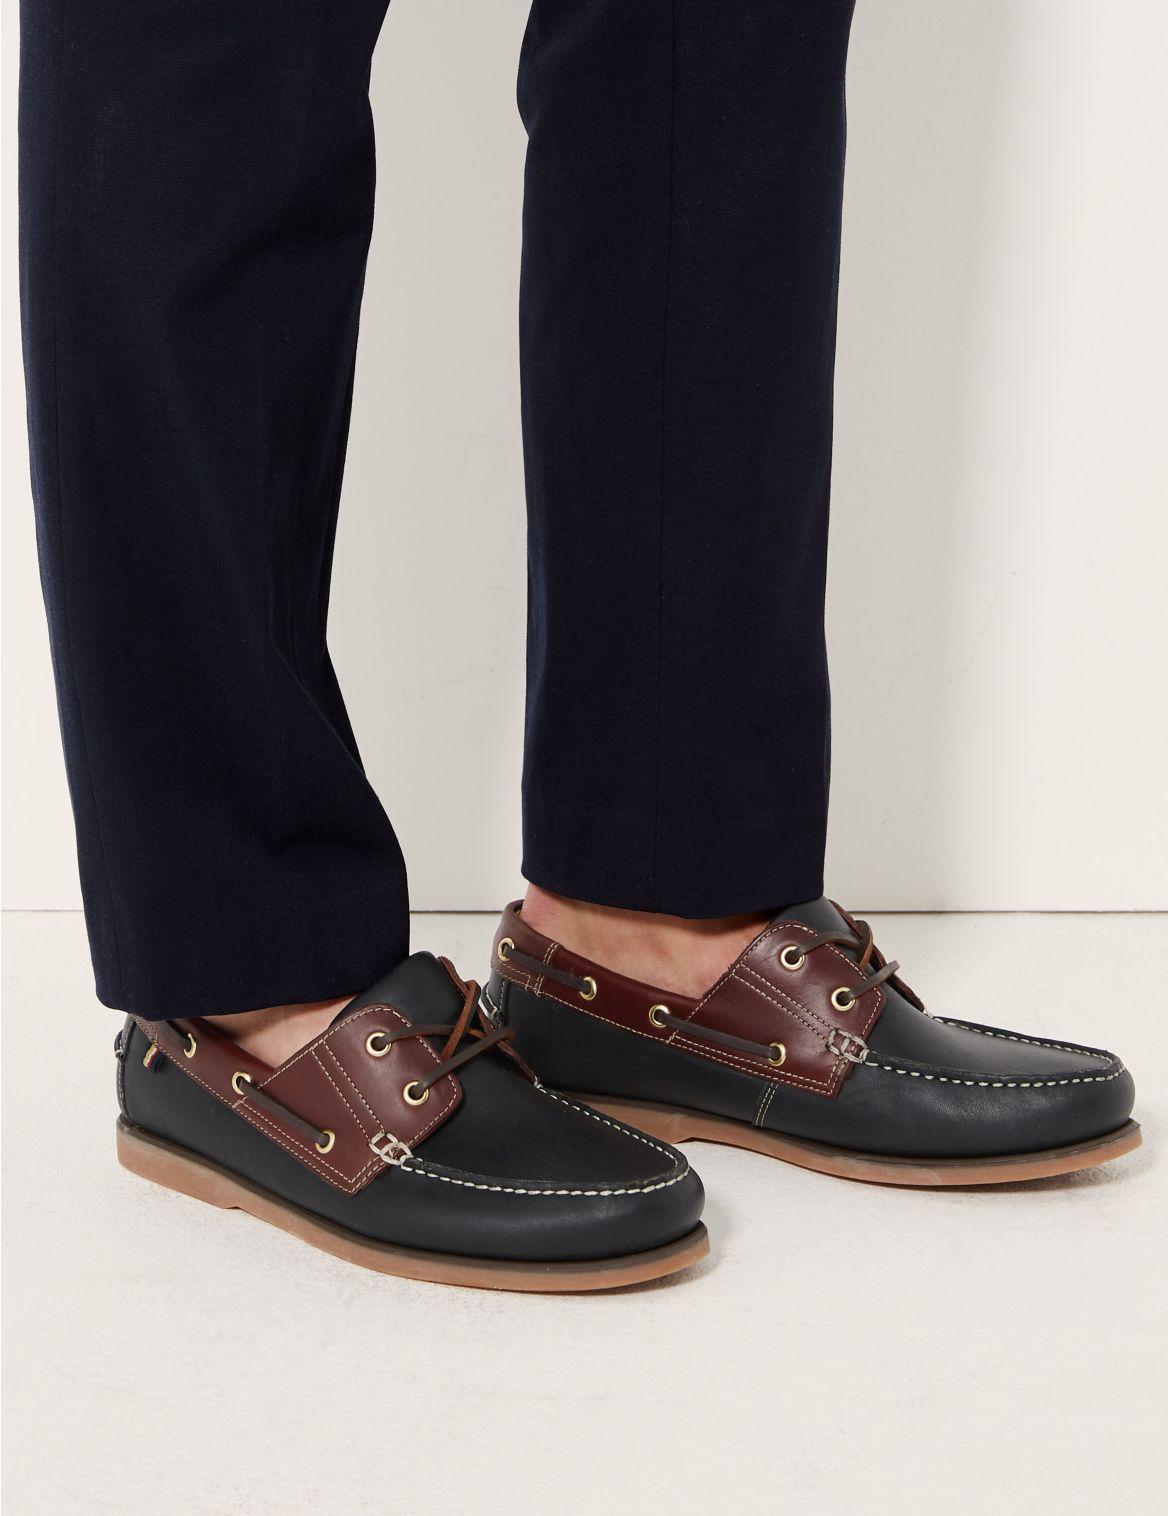 Chaussures bateau en cuir à lacets, dotées de la technologie Freshfeet™